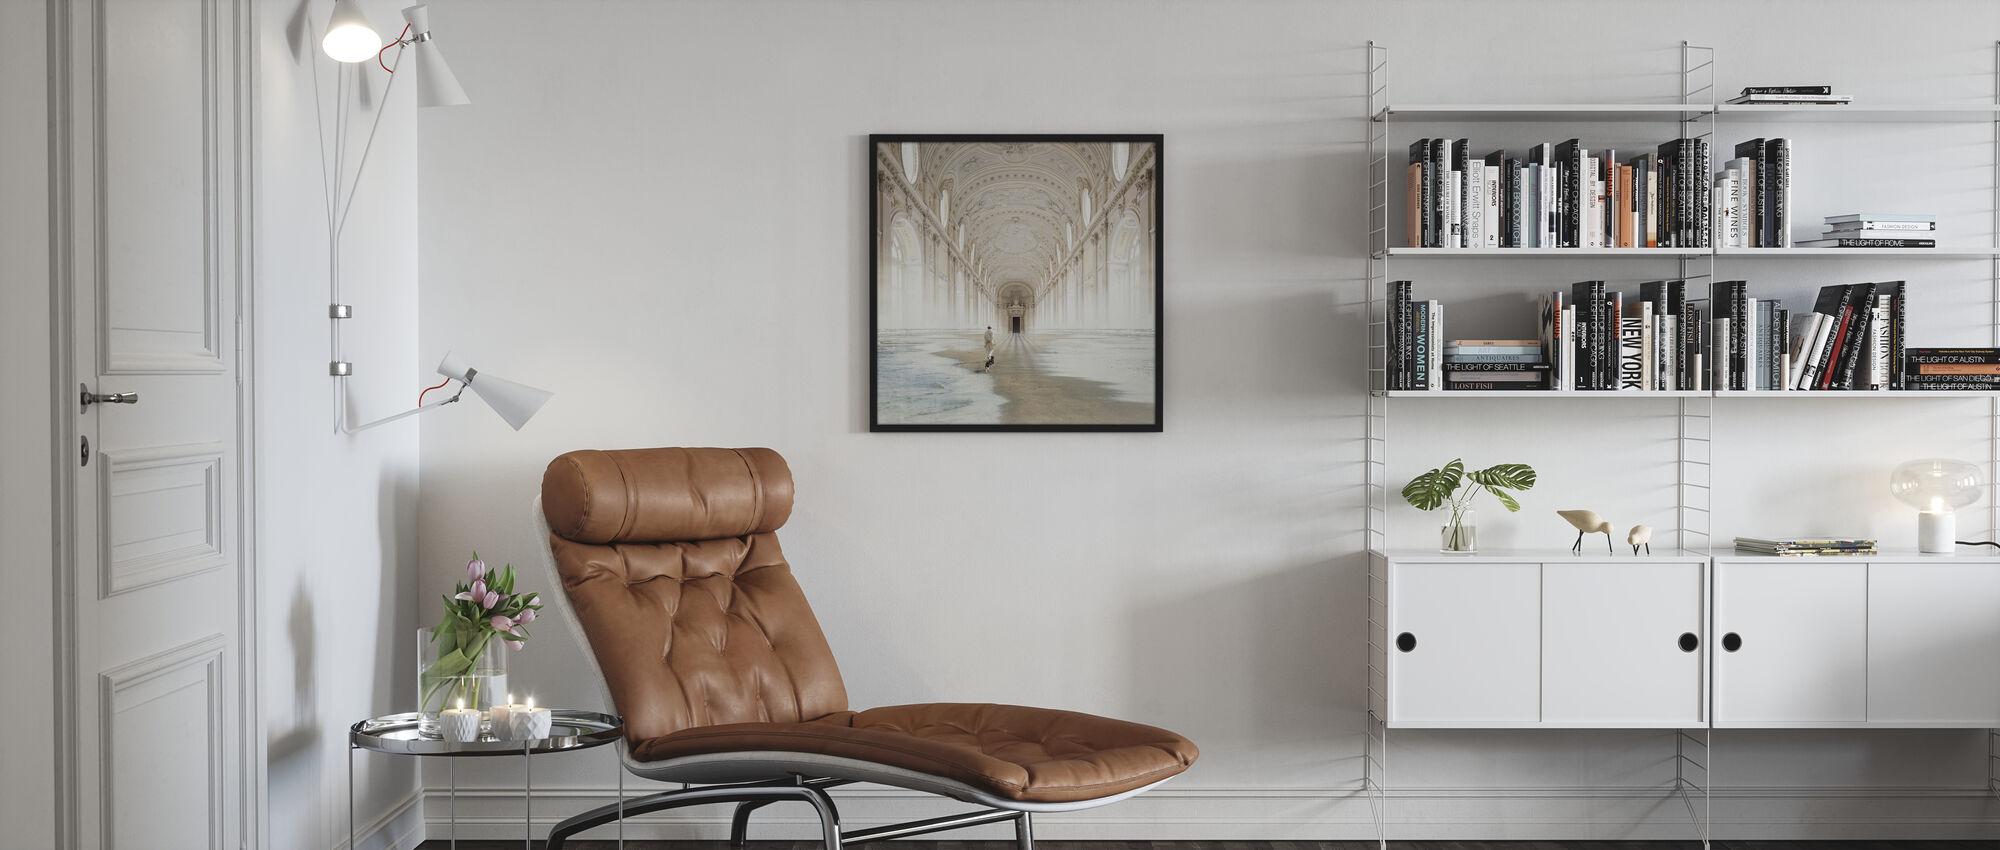 Linie - Poster - Wohnzimmer